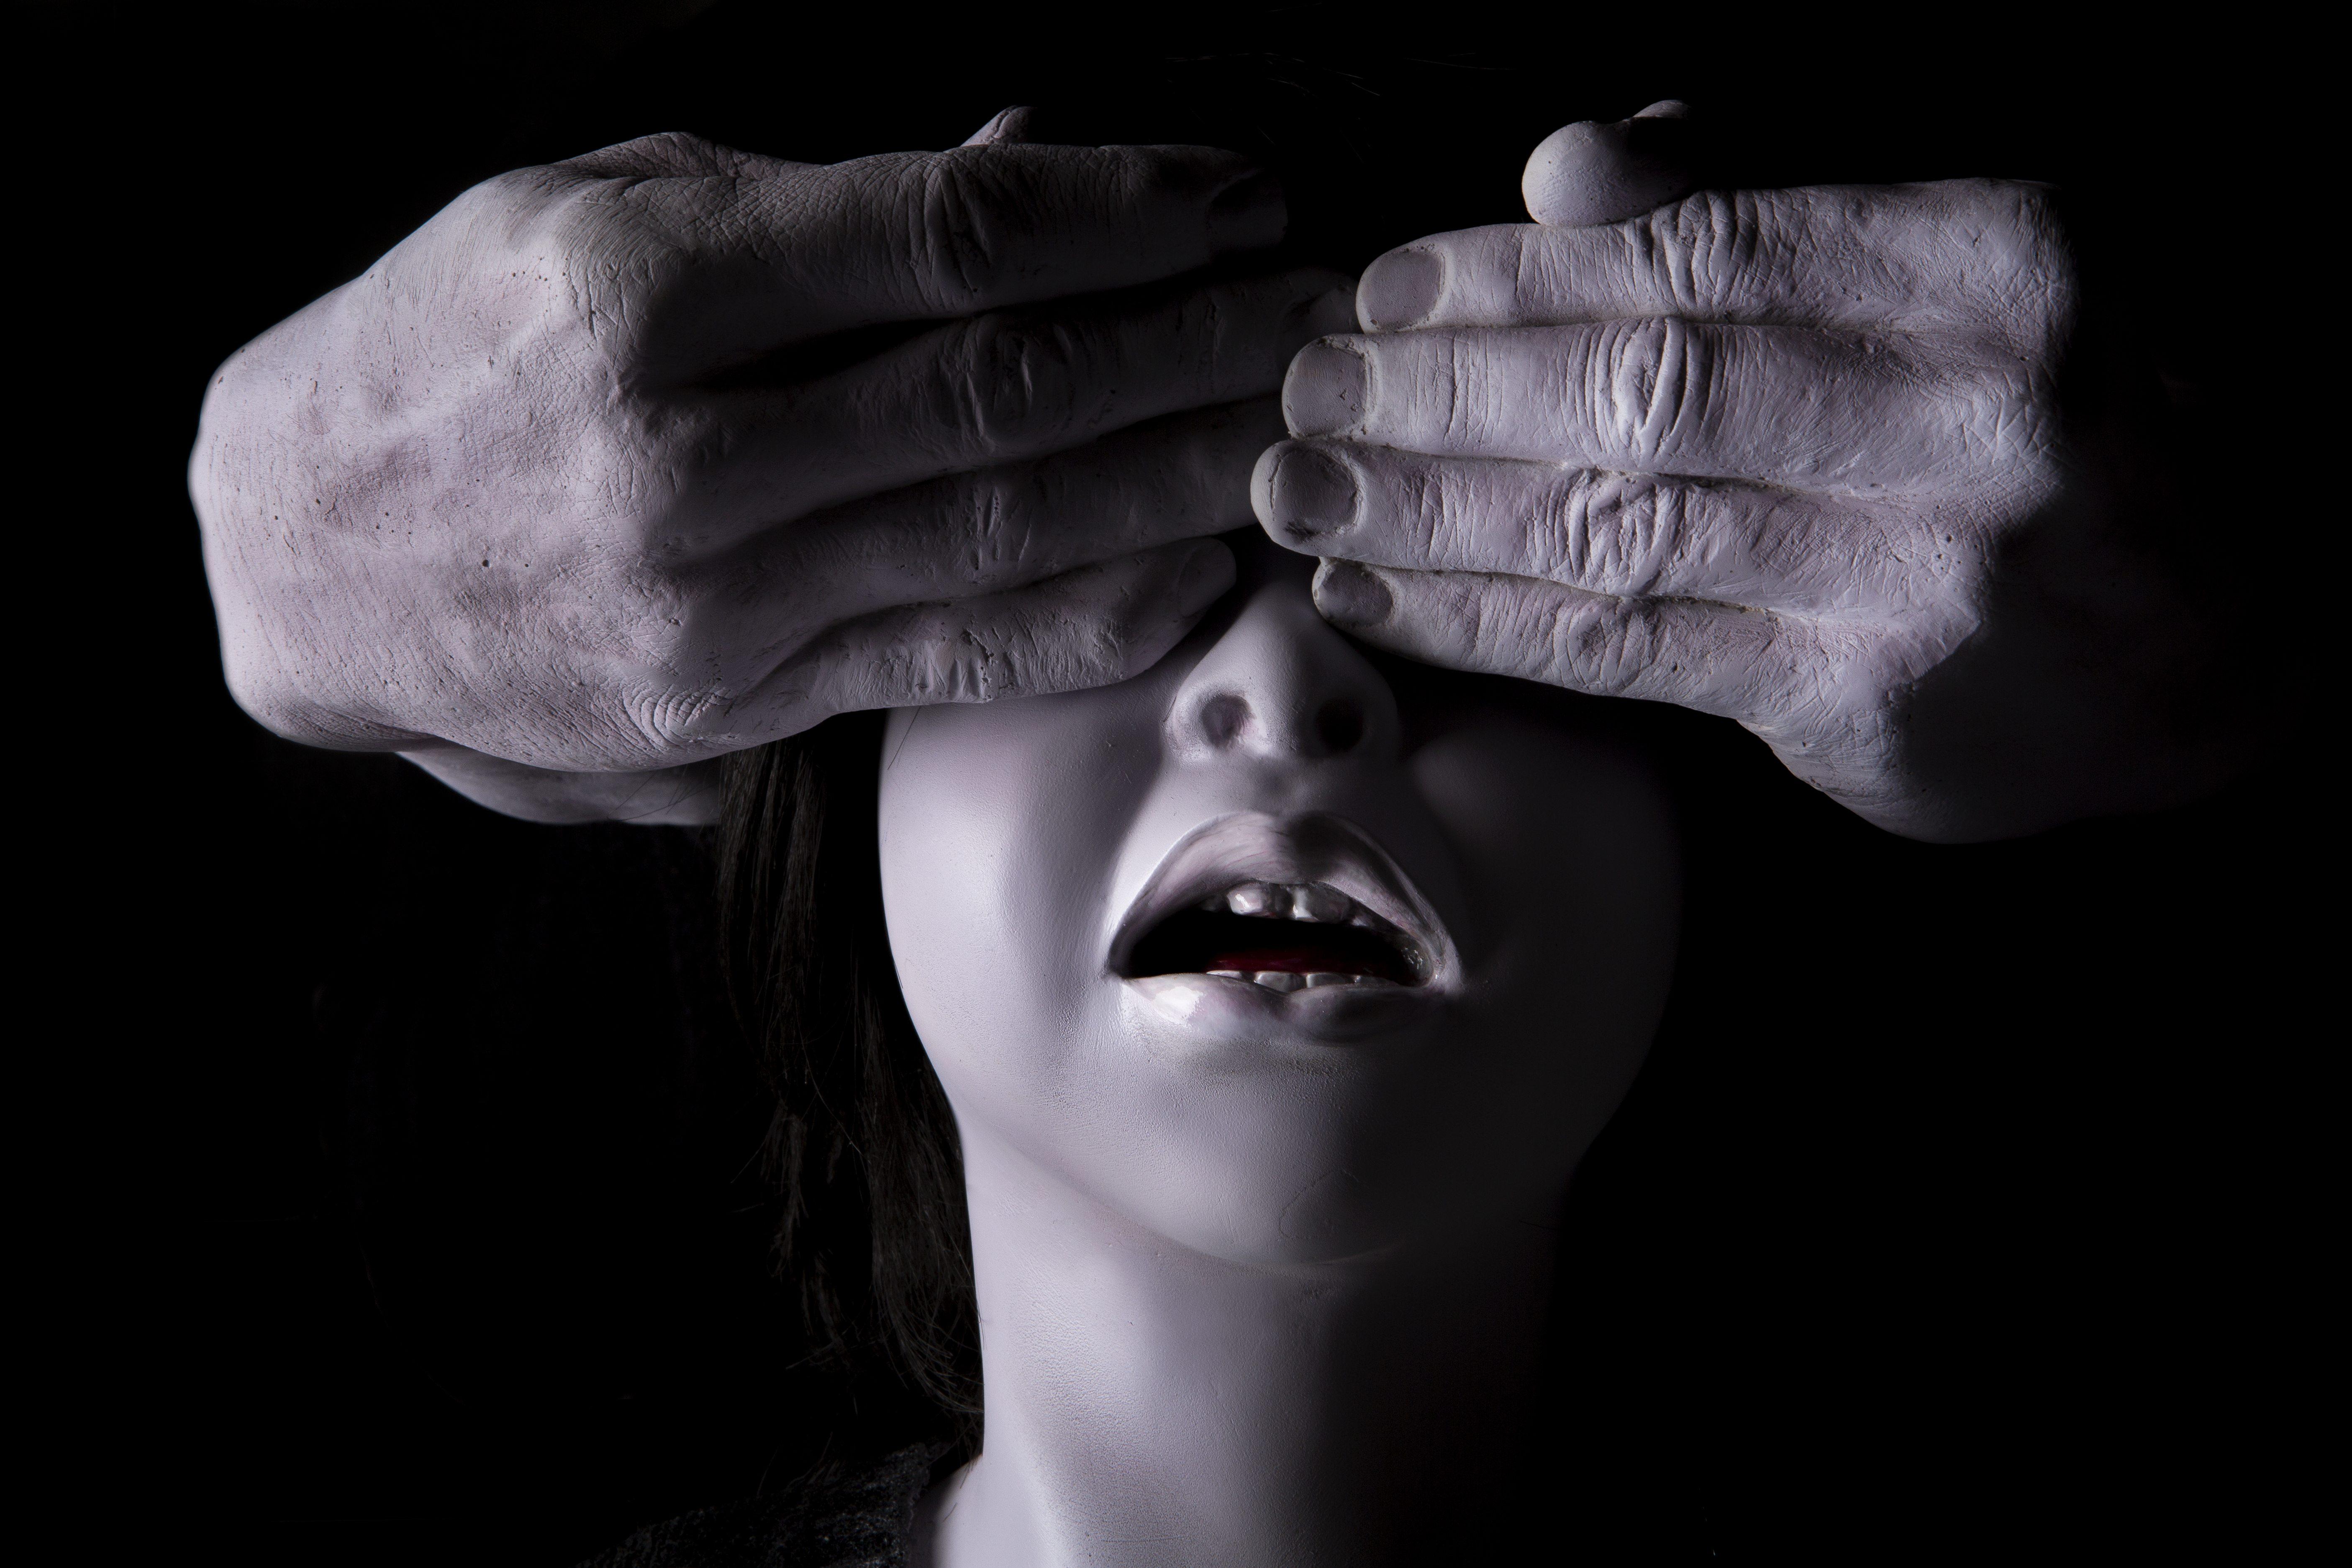 Sonia Serpil Aslan'la çocukluğun gizli ve karanlık odalarına yolculuk